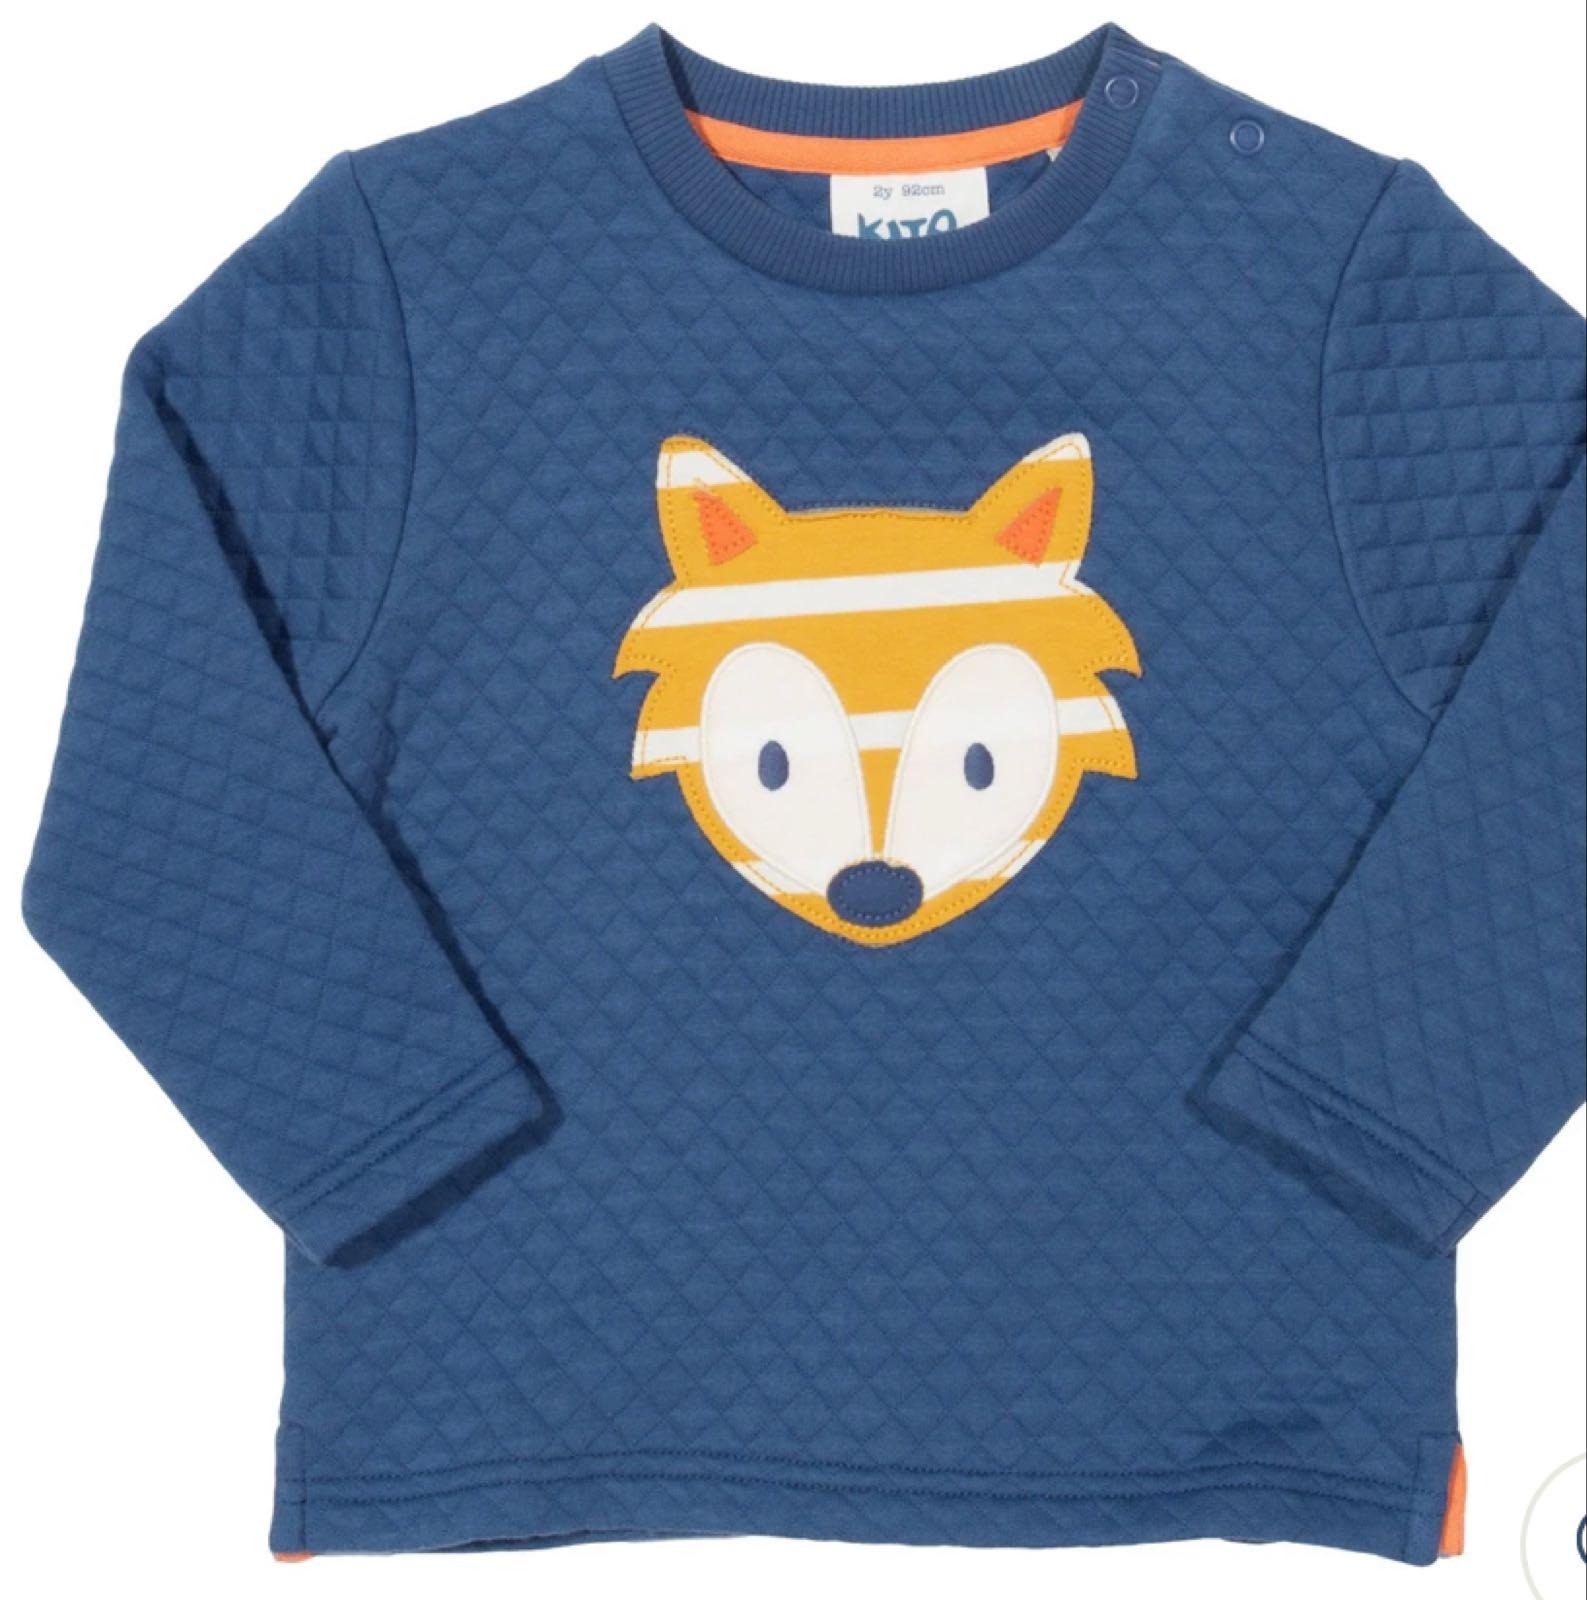 Little cub sweatshirt